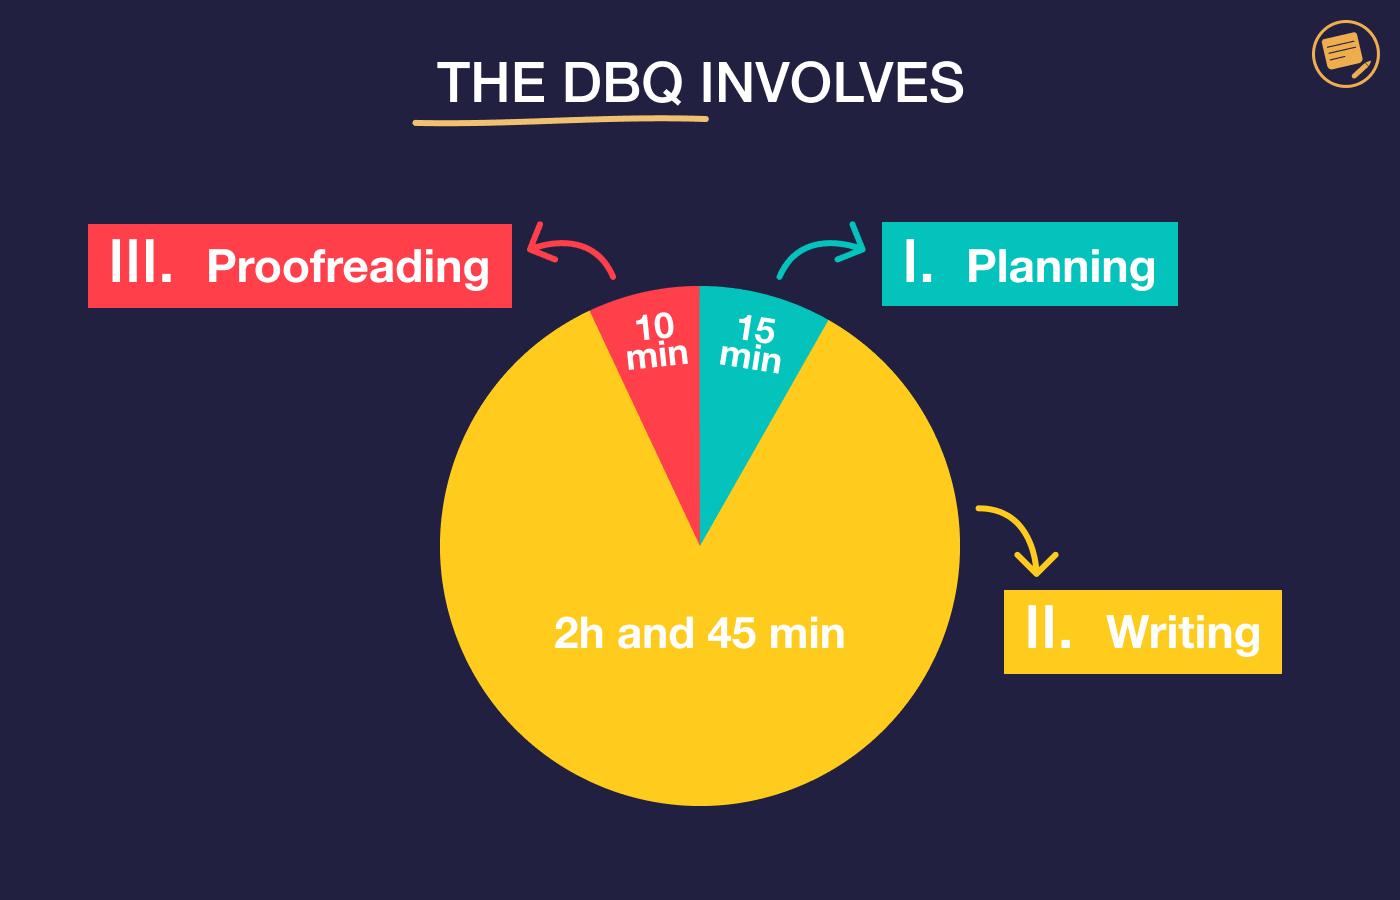 dbq-involves